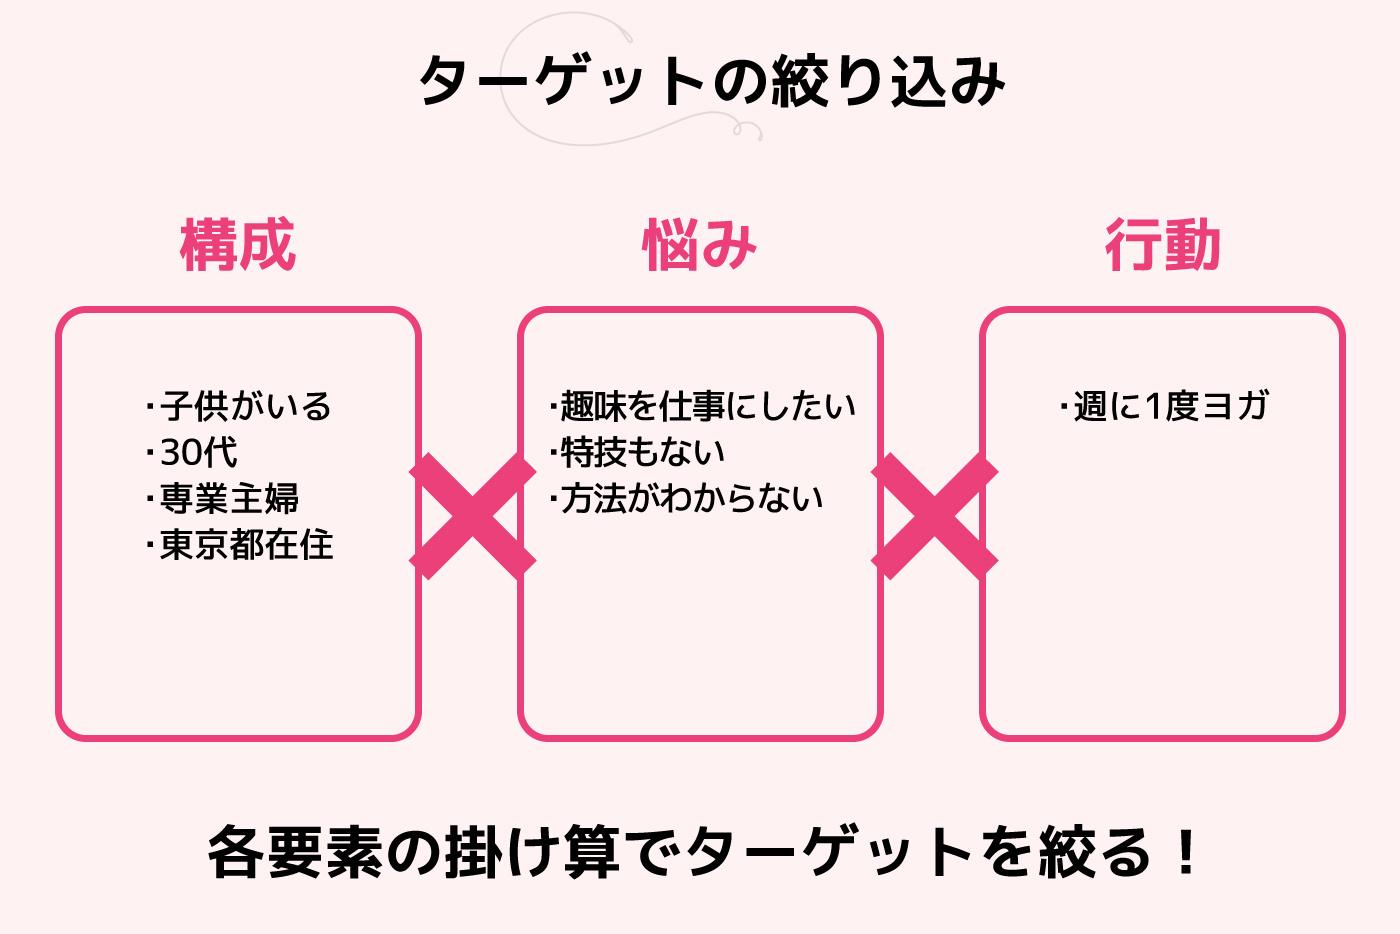 ターゲット絞り込みは「構成×悩み×行動」要素での掛け算